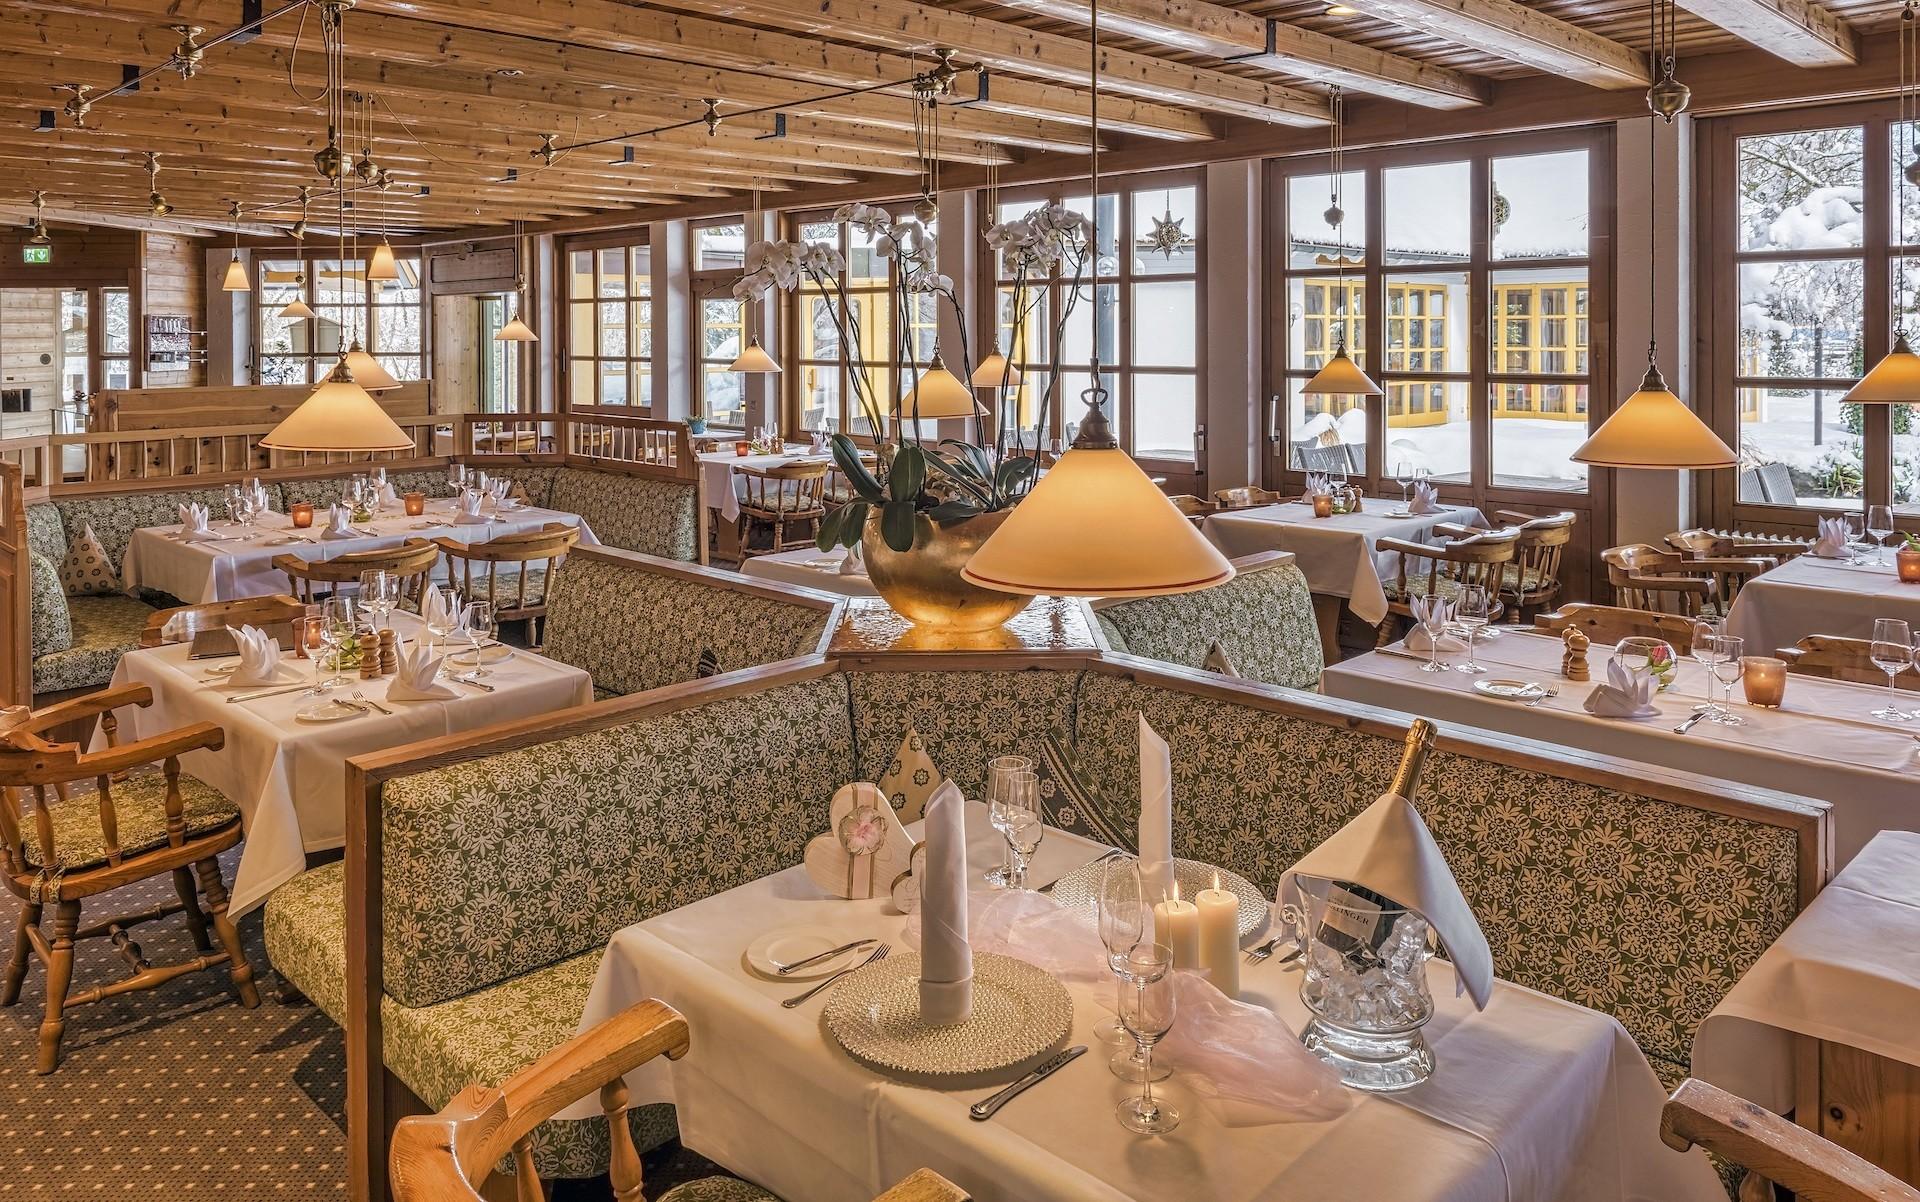 Yachthotel Chiemsee als Ausrichtungsort für Hochzeitsfeier